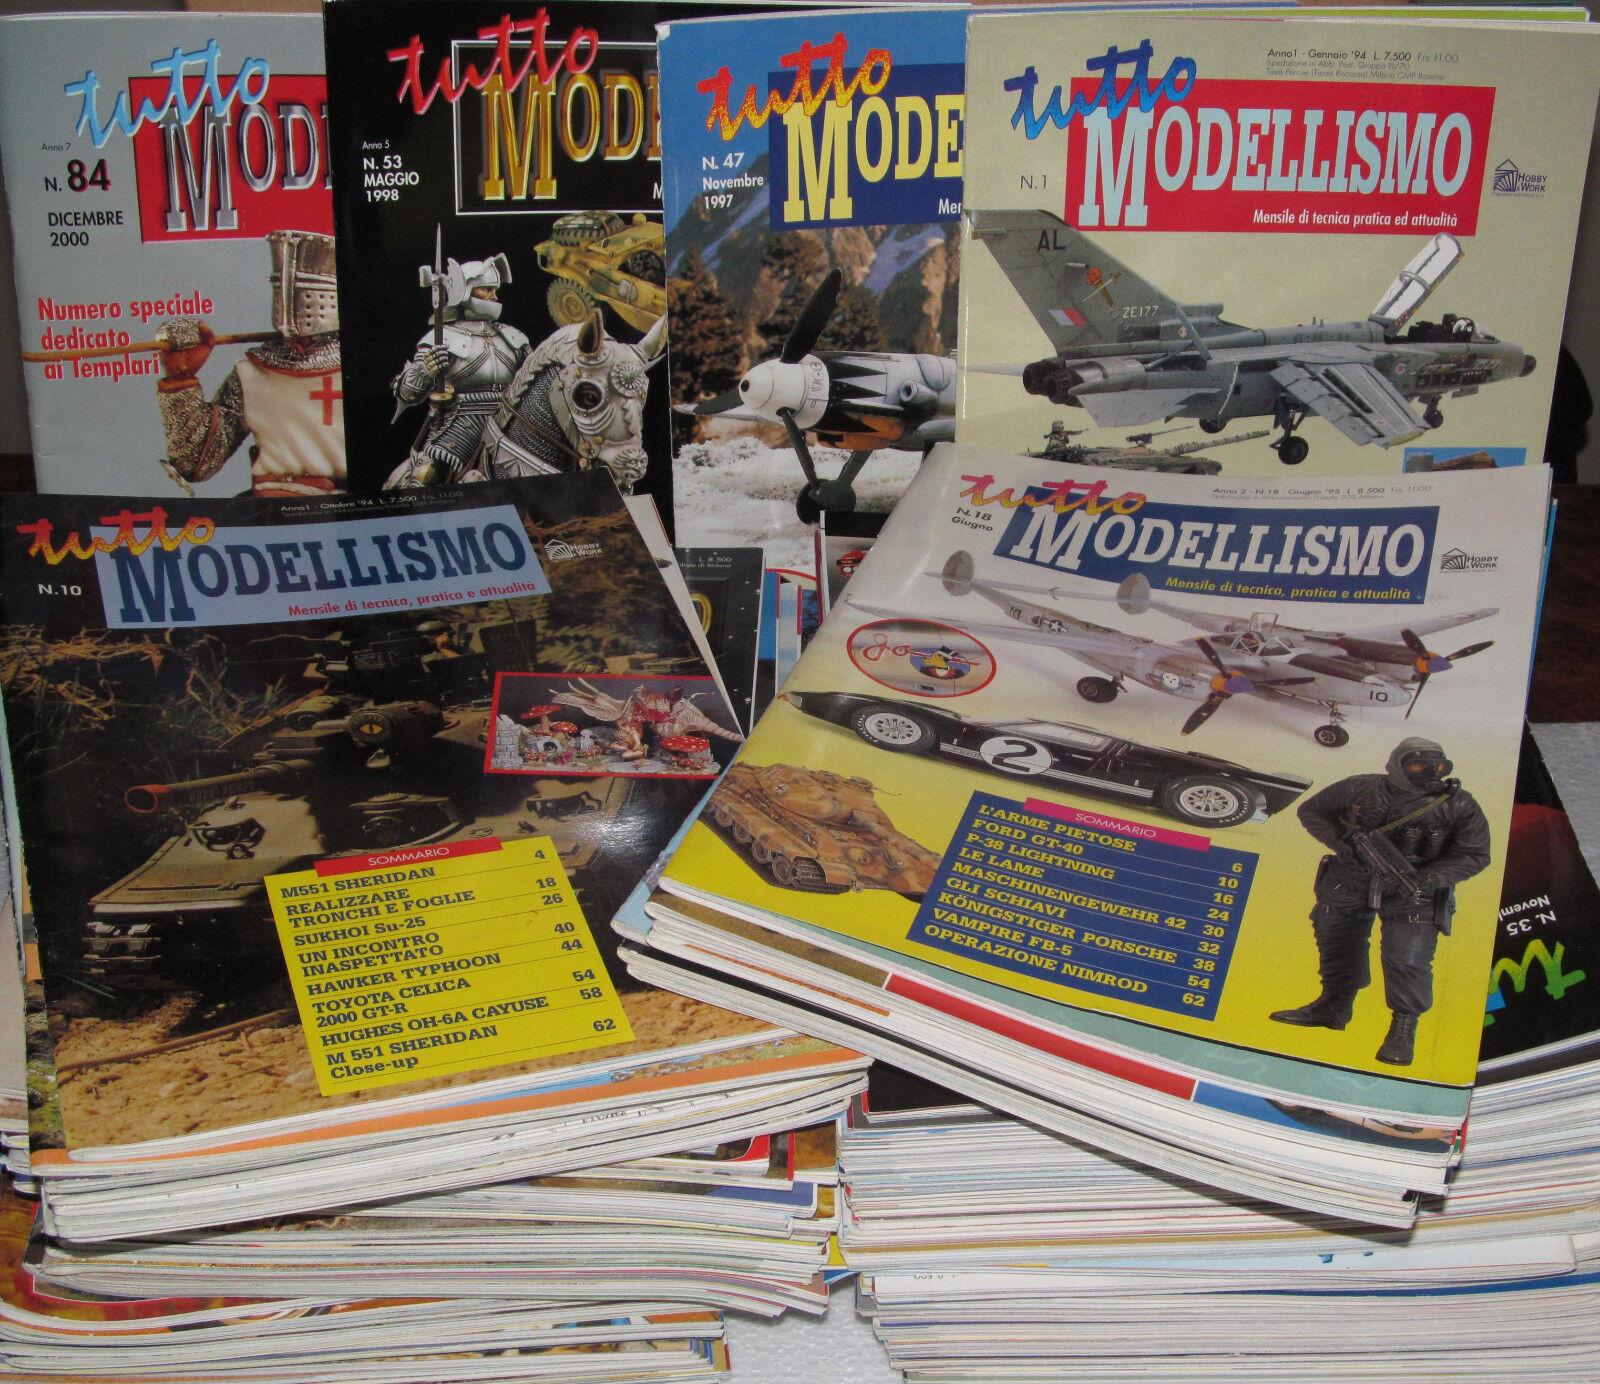 omaggi allo stadio Rivista mensile TUTTO modelloLISMO - collezione completa  - - - ed. Hobby & lavoro  grande vendita